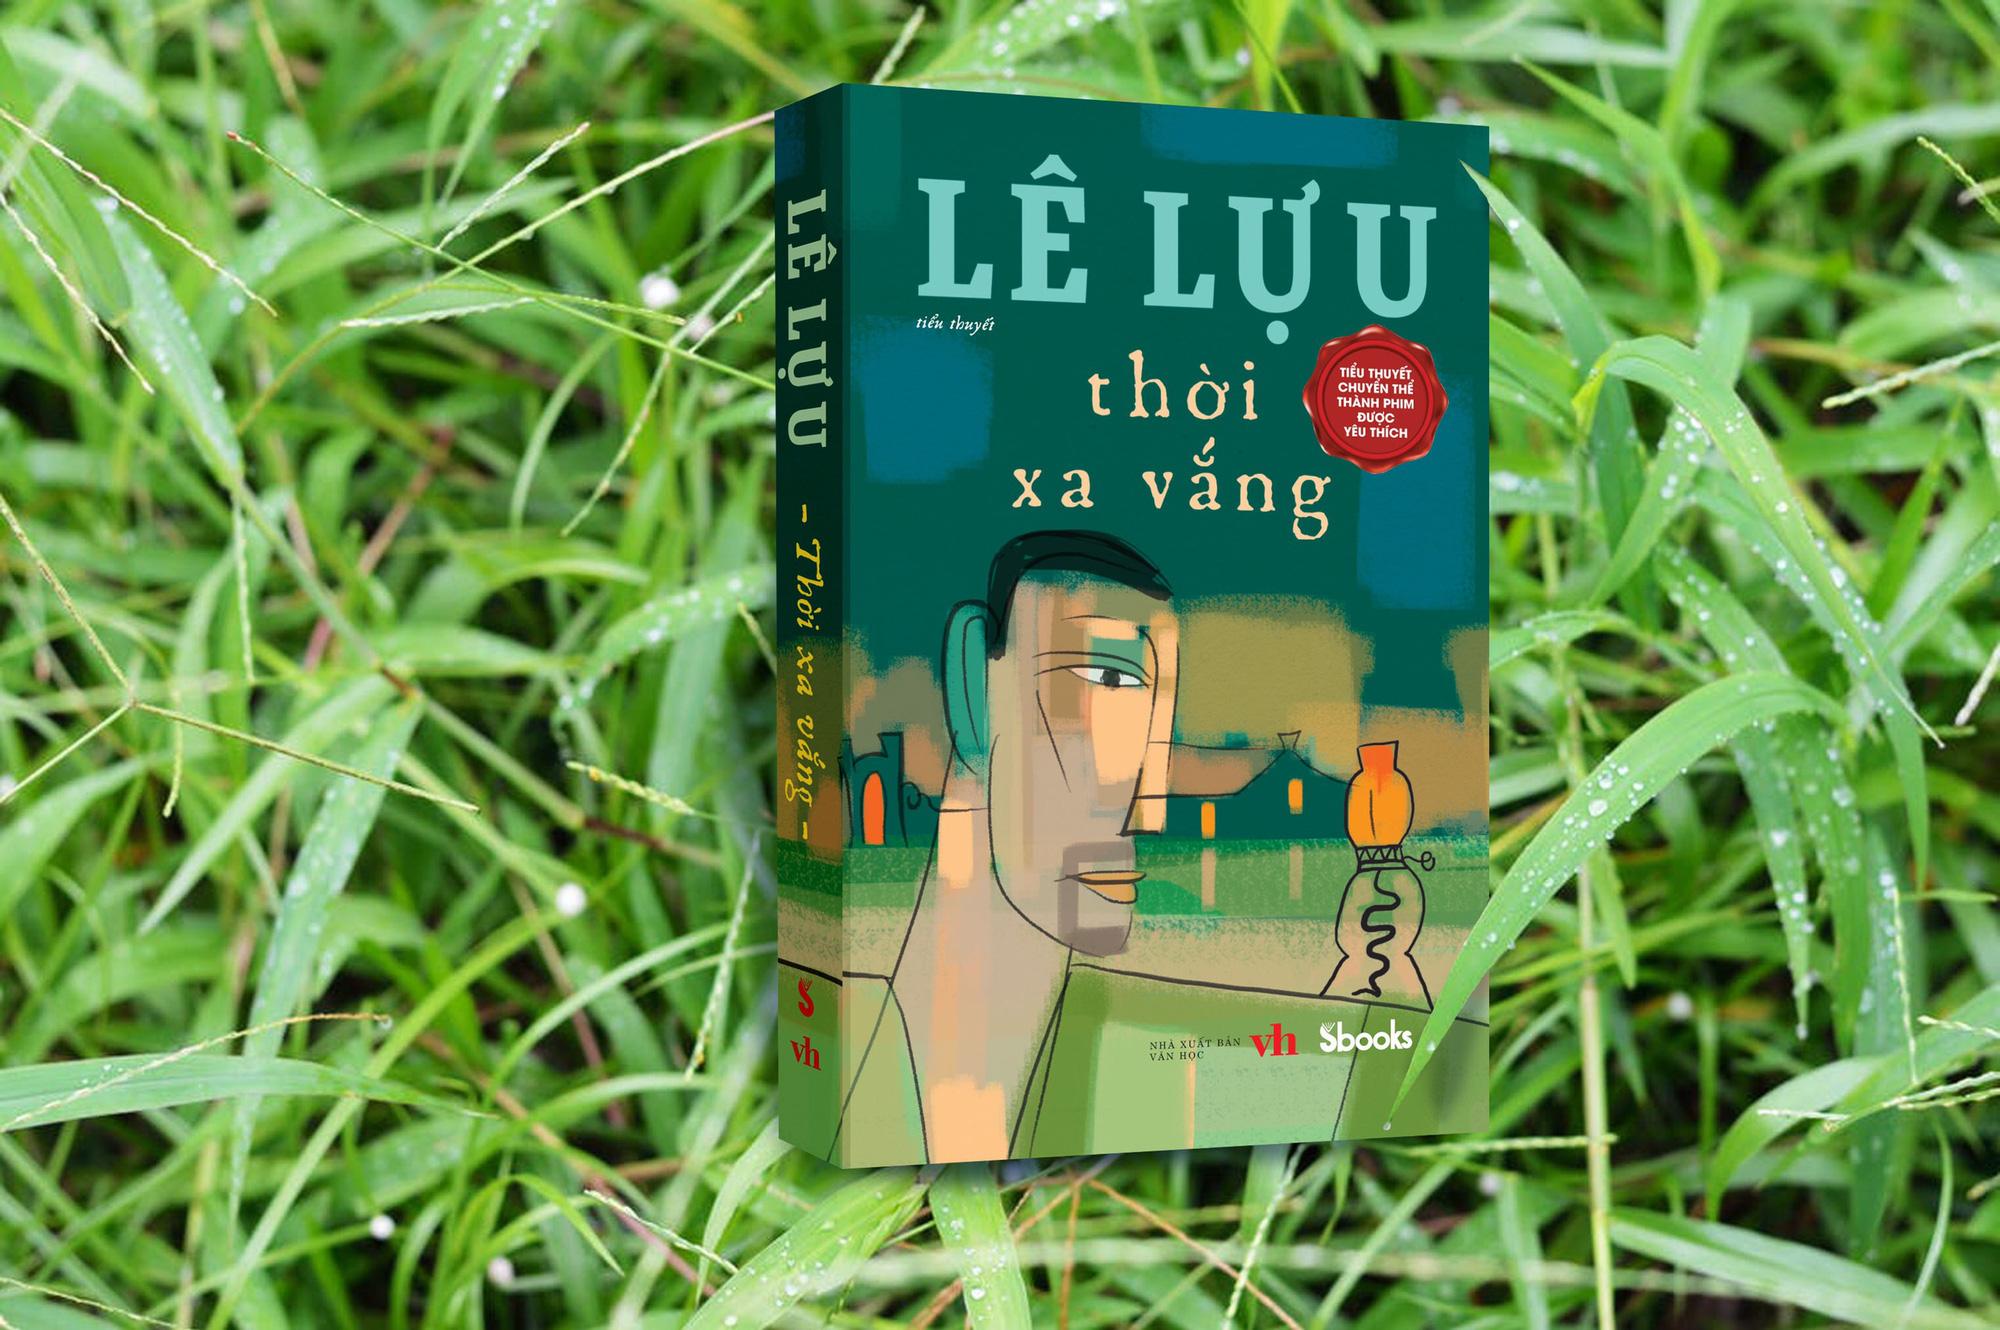 """Tái bản tiểu thuyết nổi tiếng """"Thời xa vắng"""" và """"Sóng ở đáy sông"""" của Lê Lựu - Ảnh 2."""